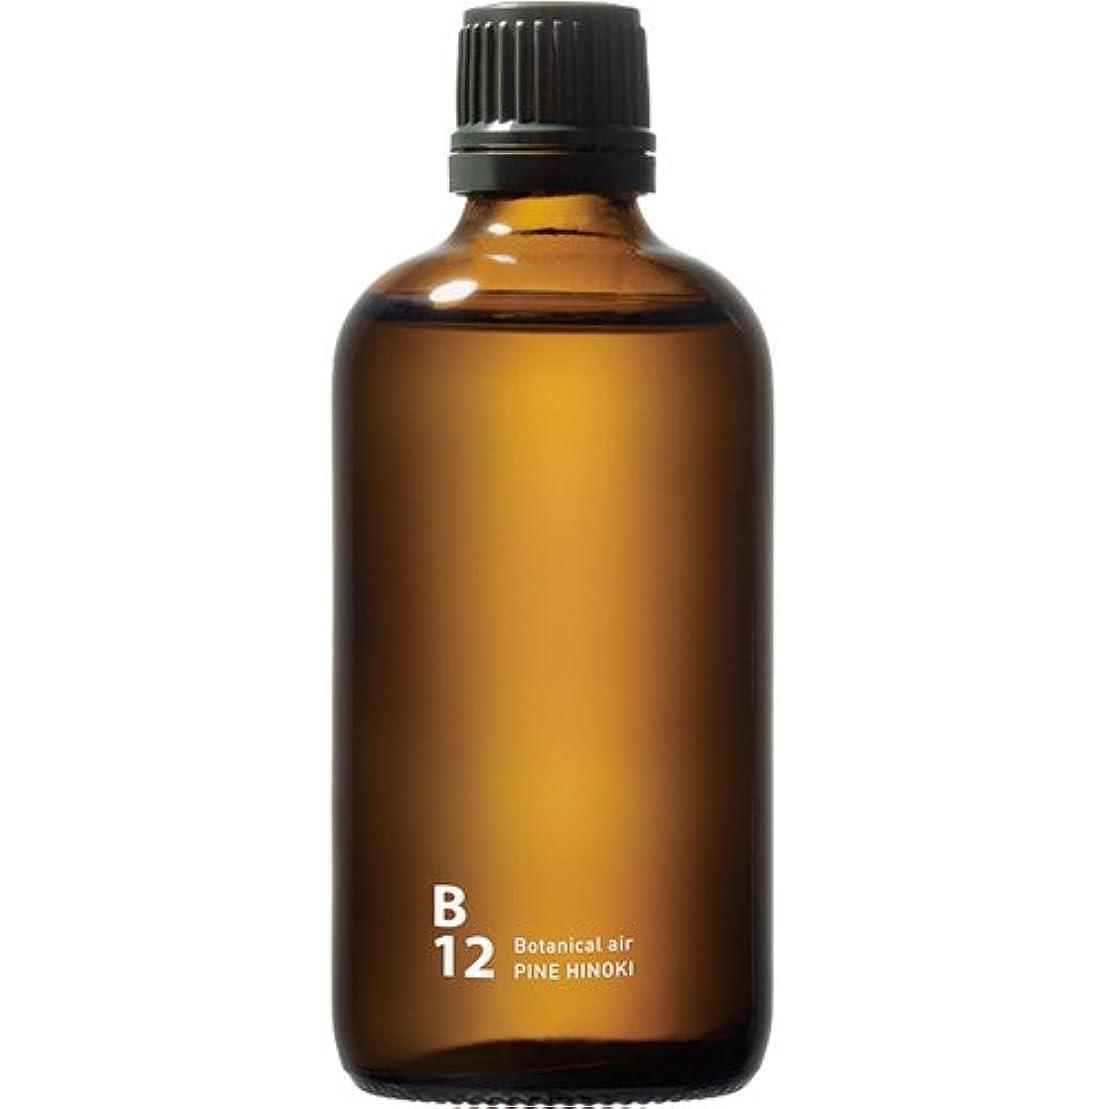 顧問同一性ビデオB12 PINE HINOKI piezo aroma oil 100ml